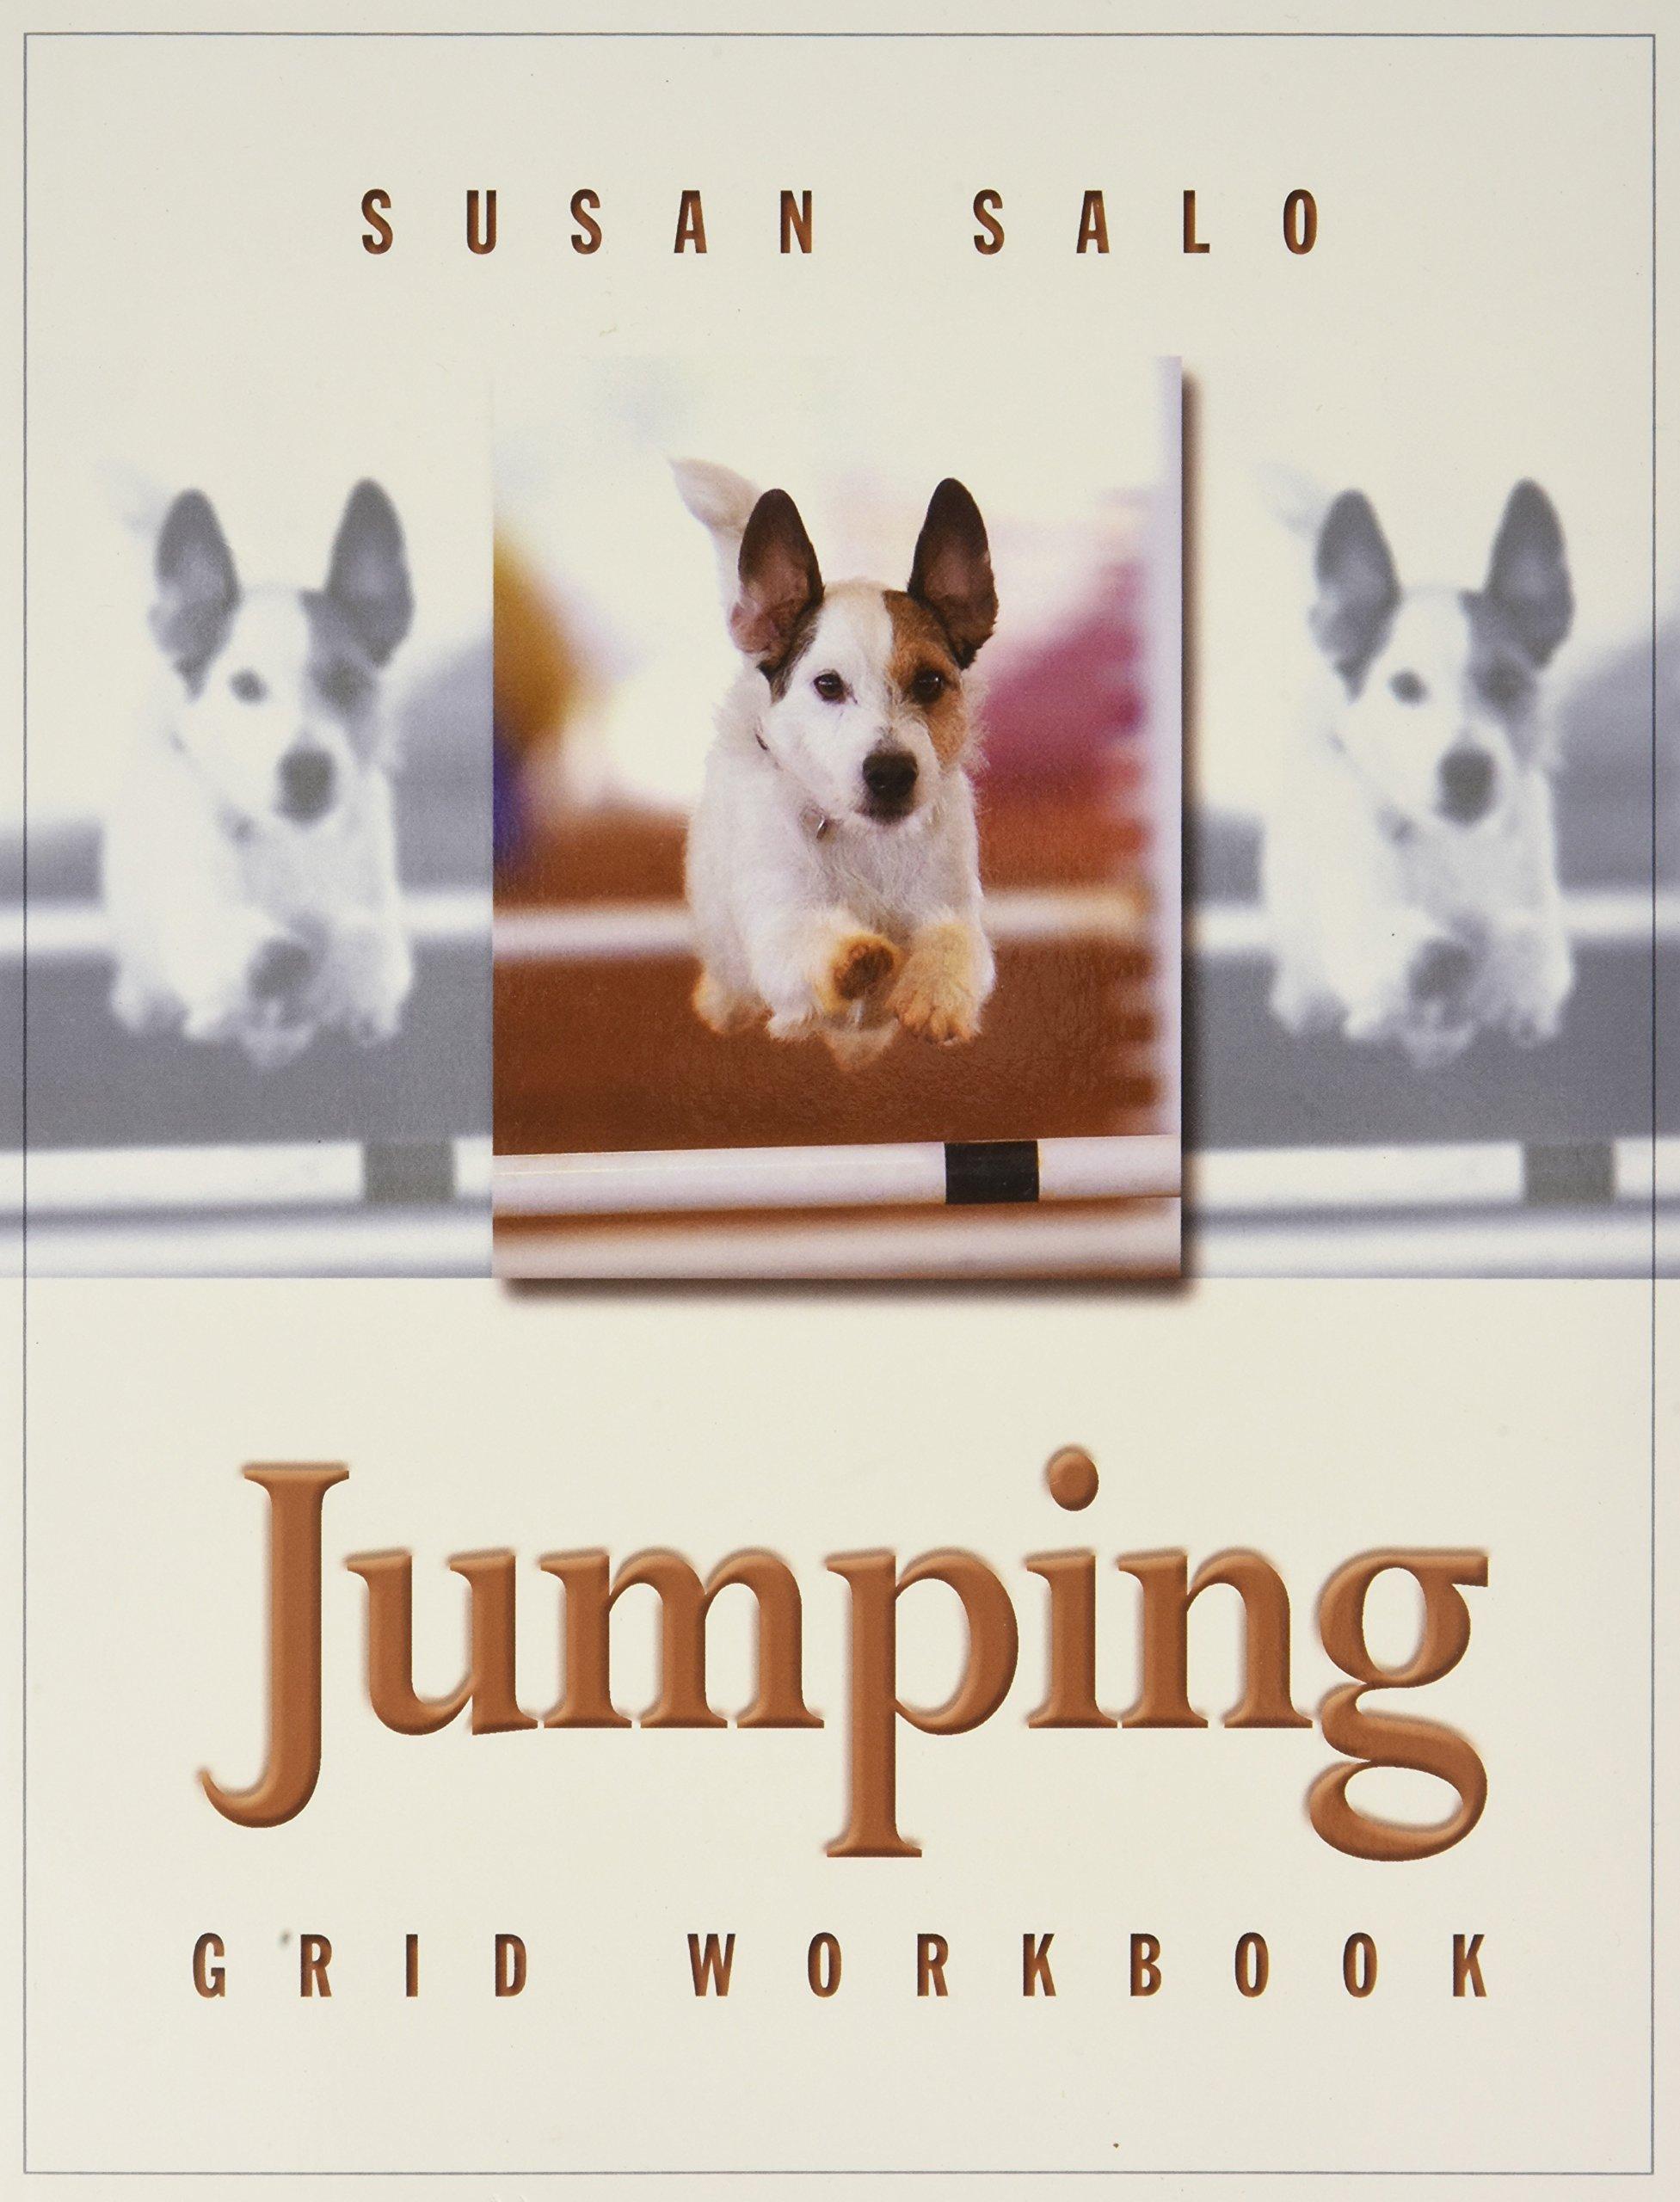 Jumping Grid Workbook ebook